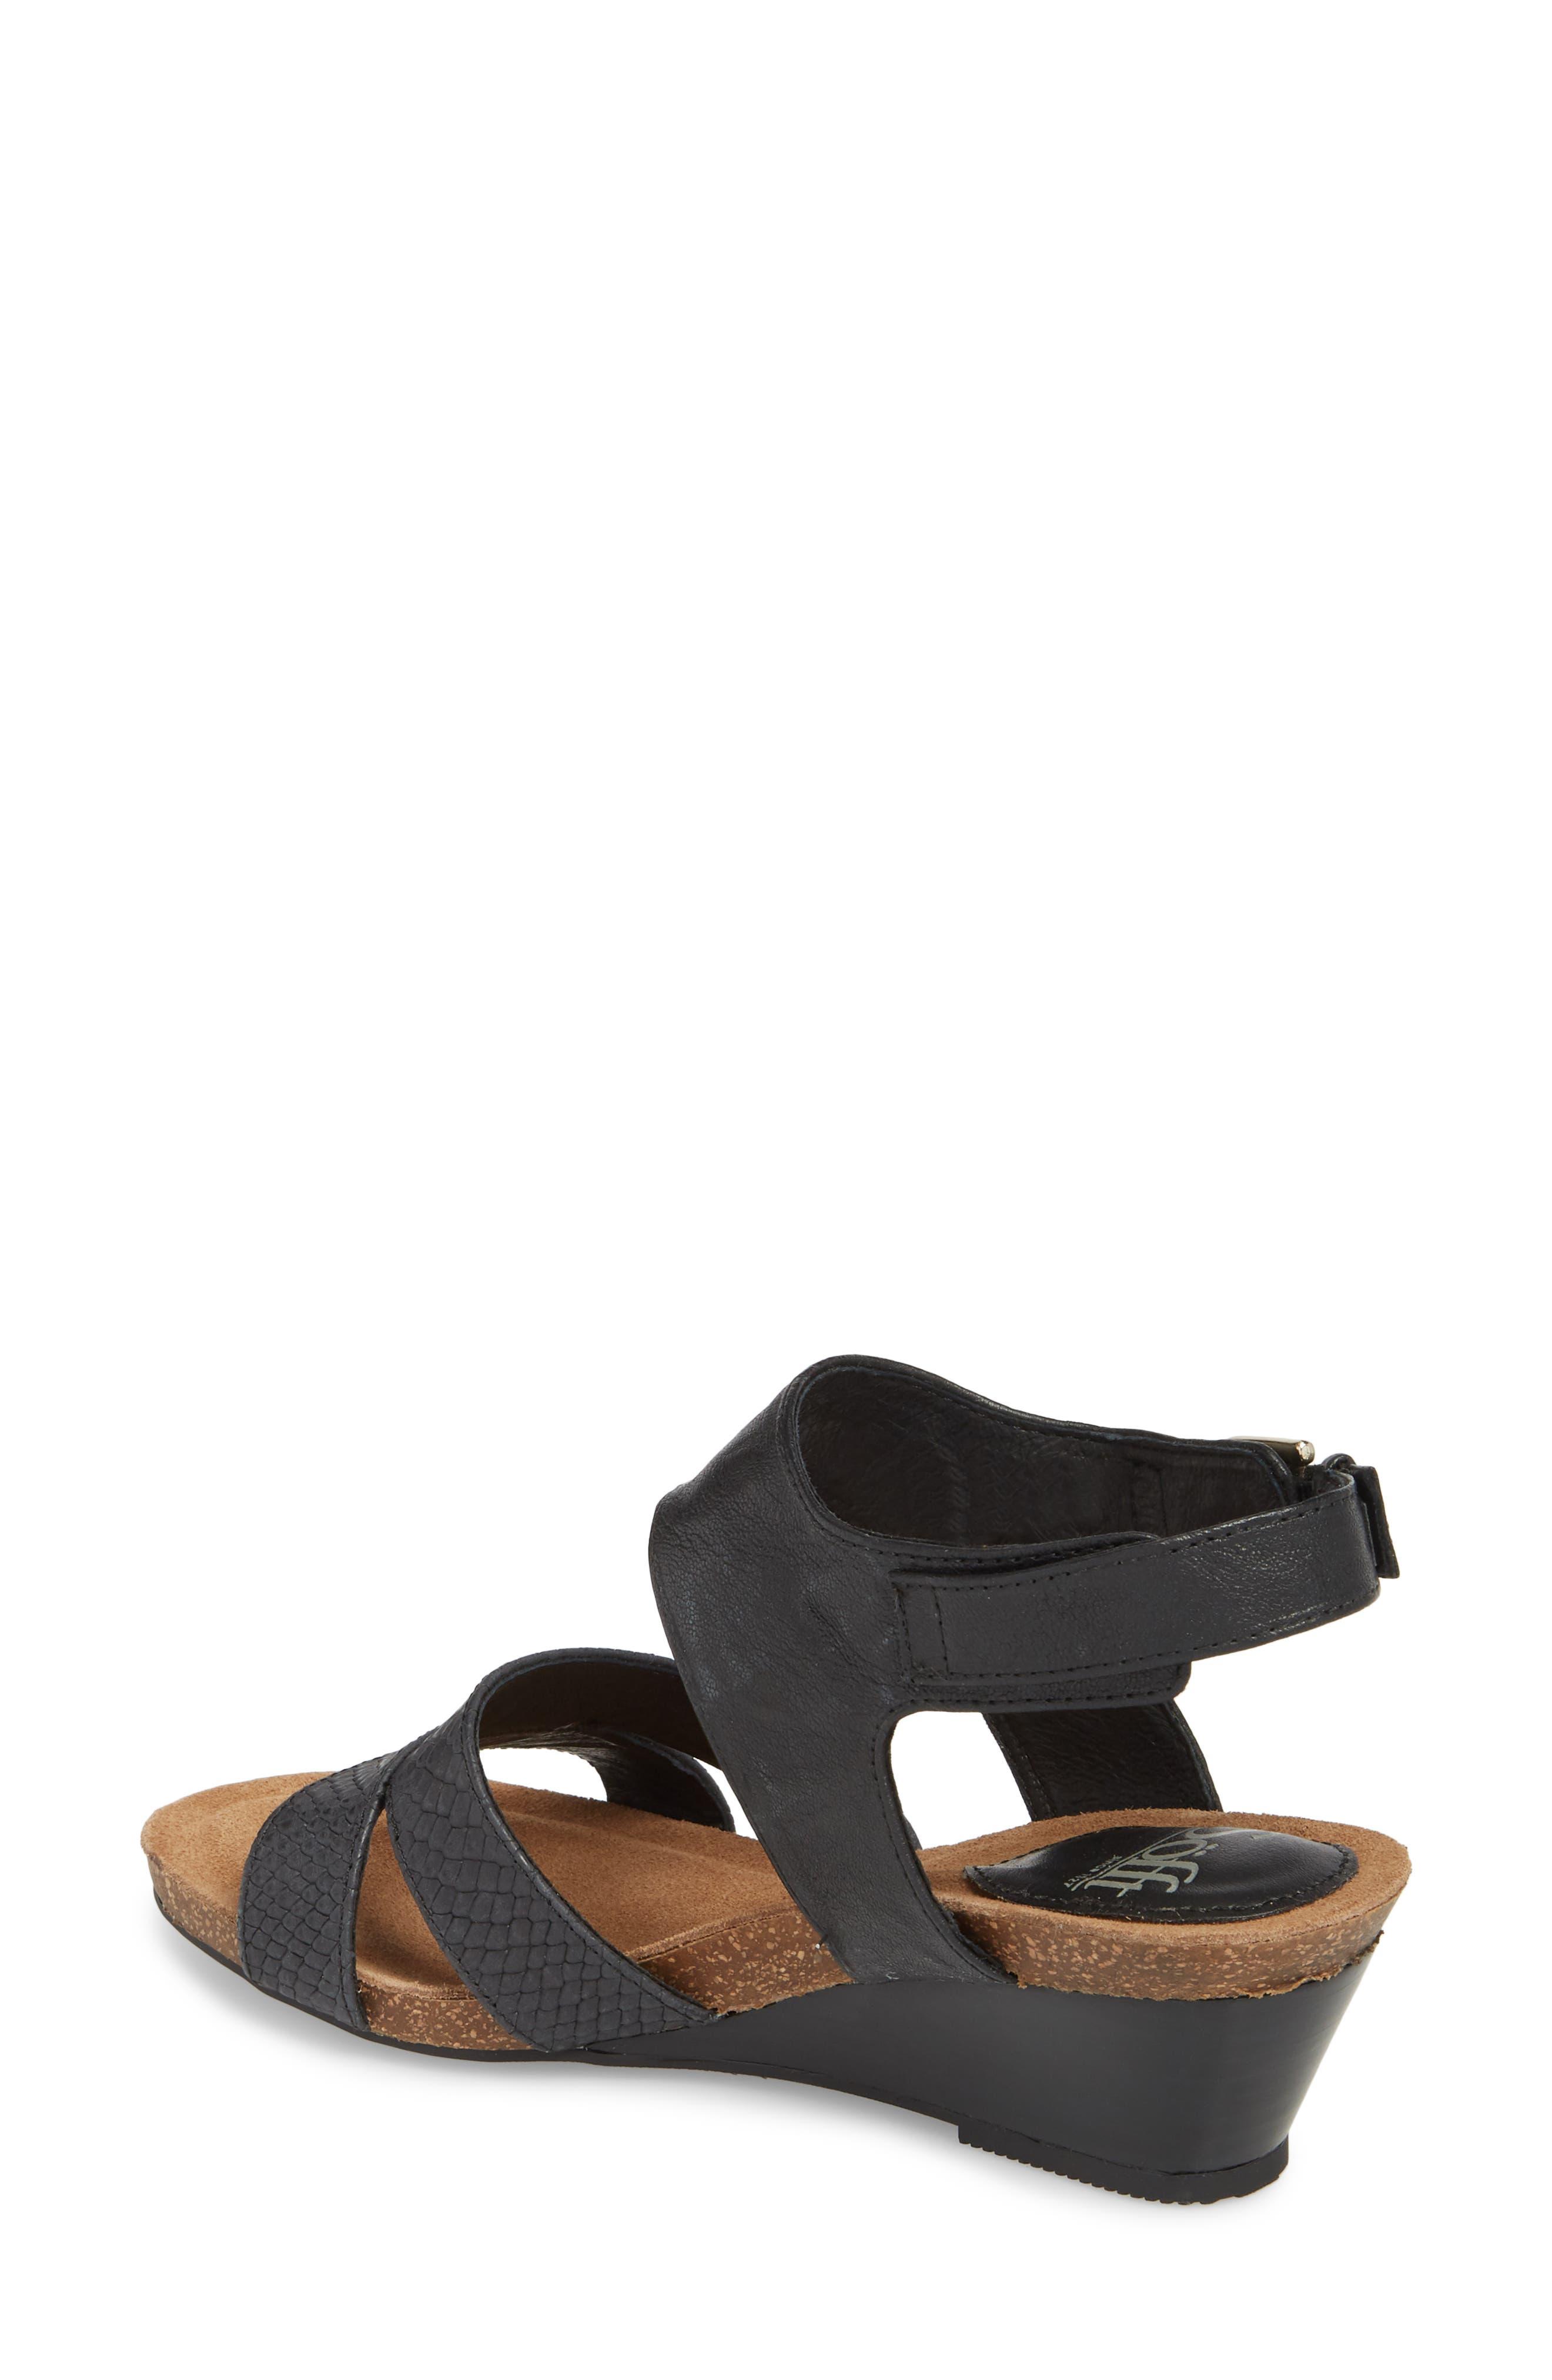 Alternate Image 2  - Söfft Velden Wedge Sandal (Women)